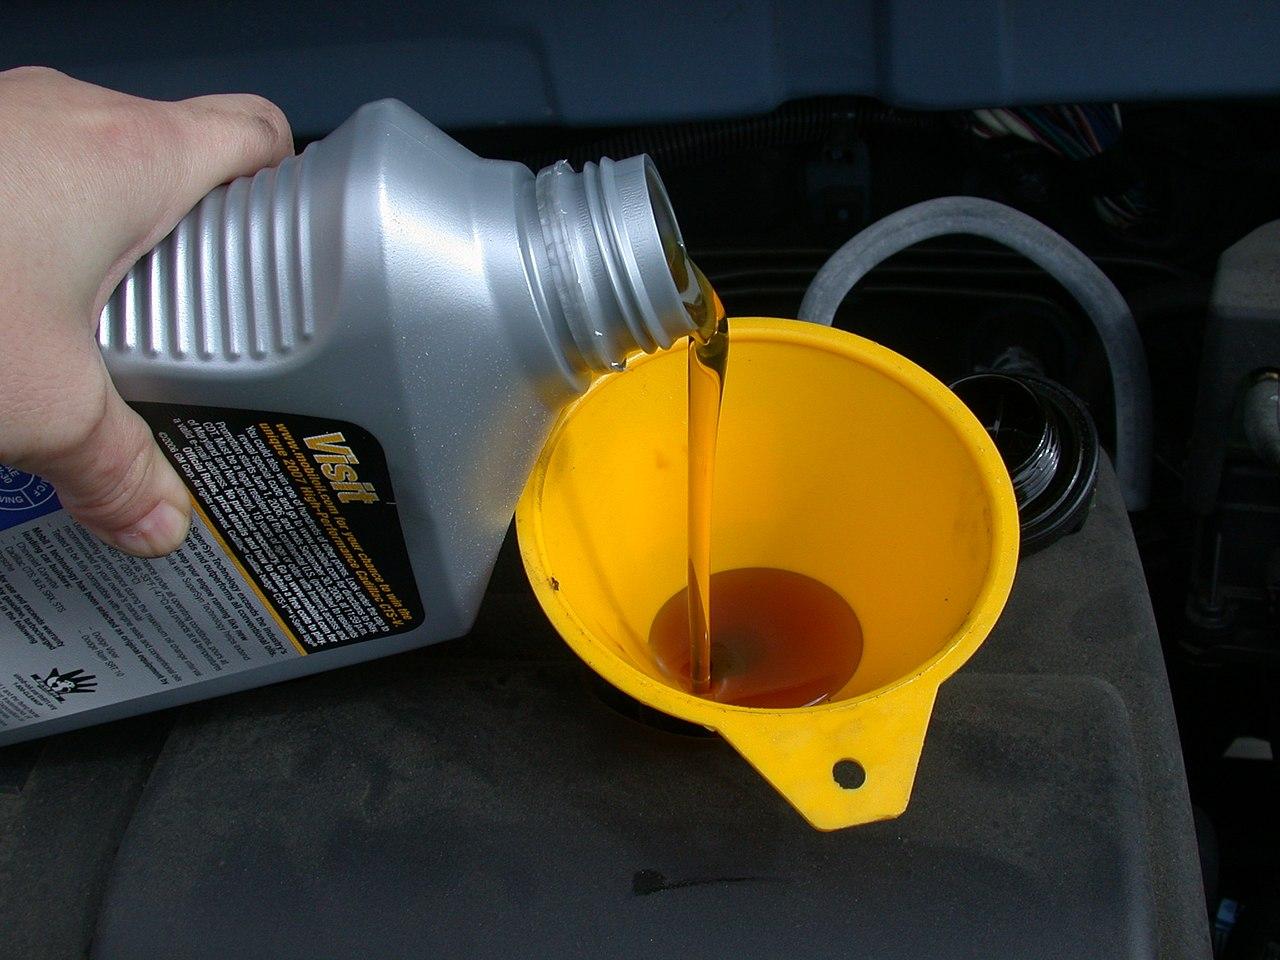 Filemotor oil refill with funnelg wikimedia commons filemotor oil refill with funnelg solutioingenieria Gallery